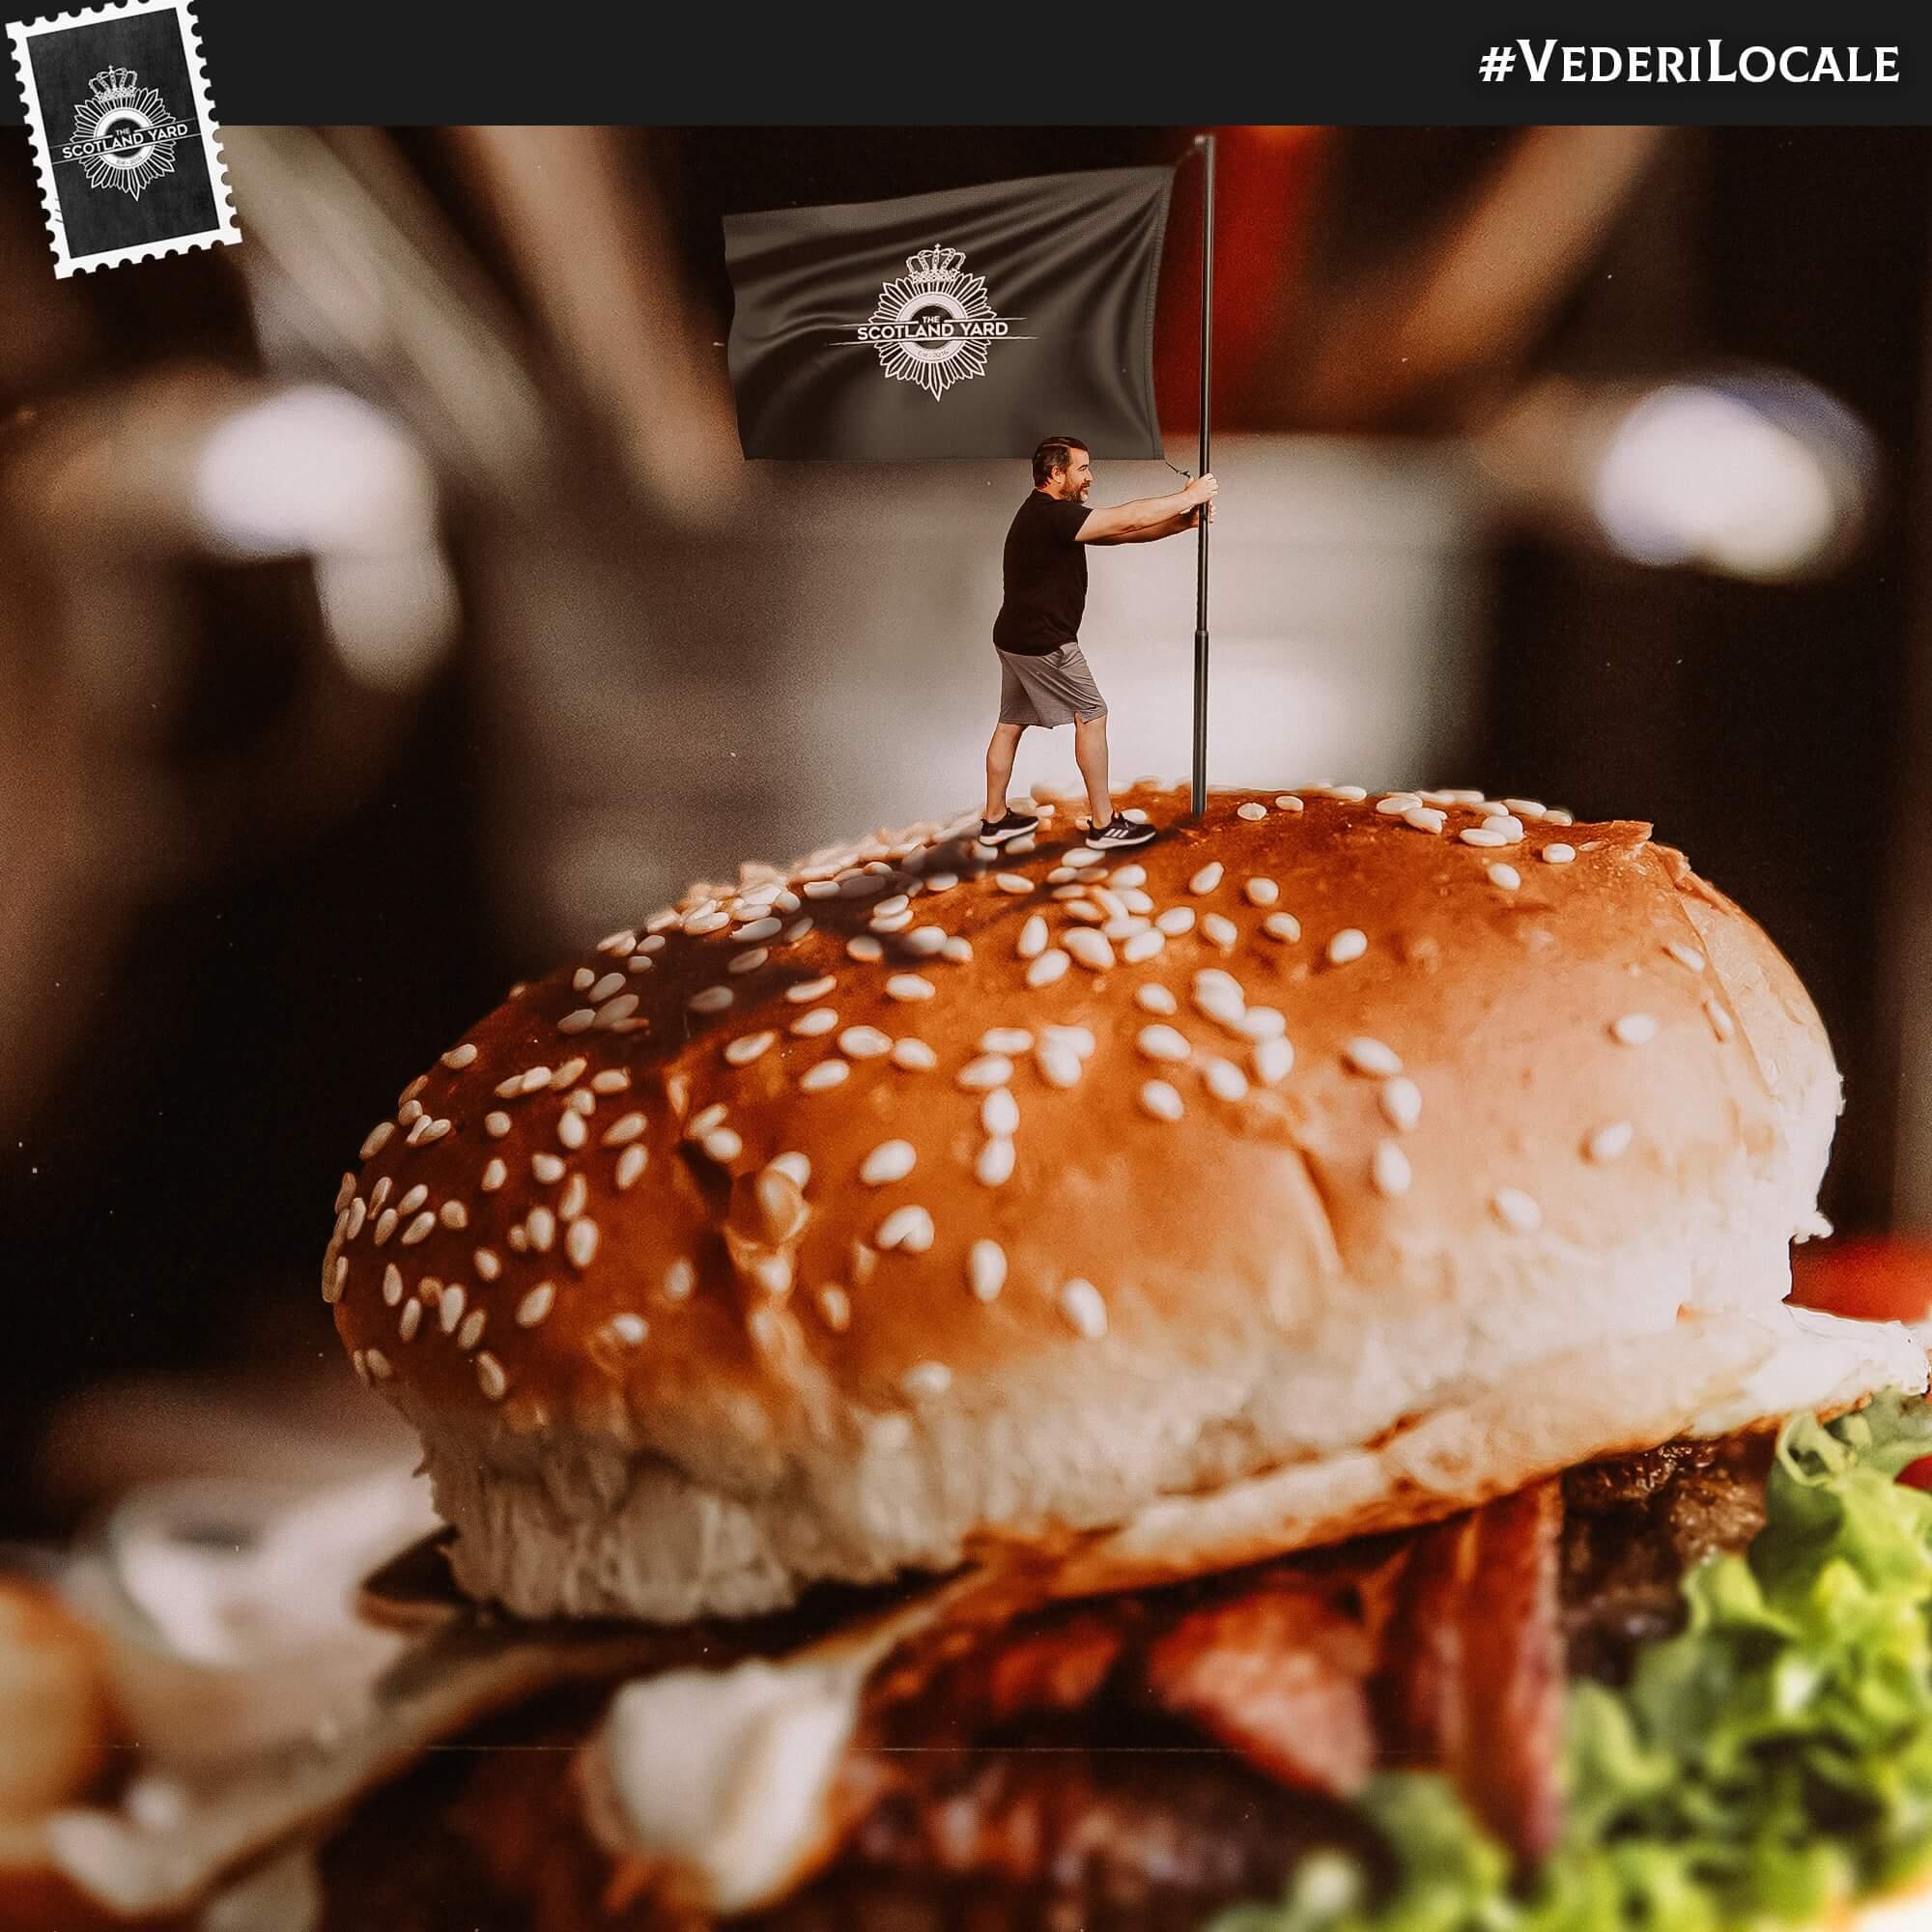 burgeri Scotland Yard Timisoara